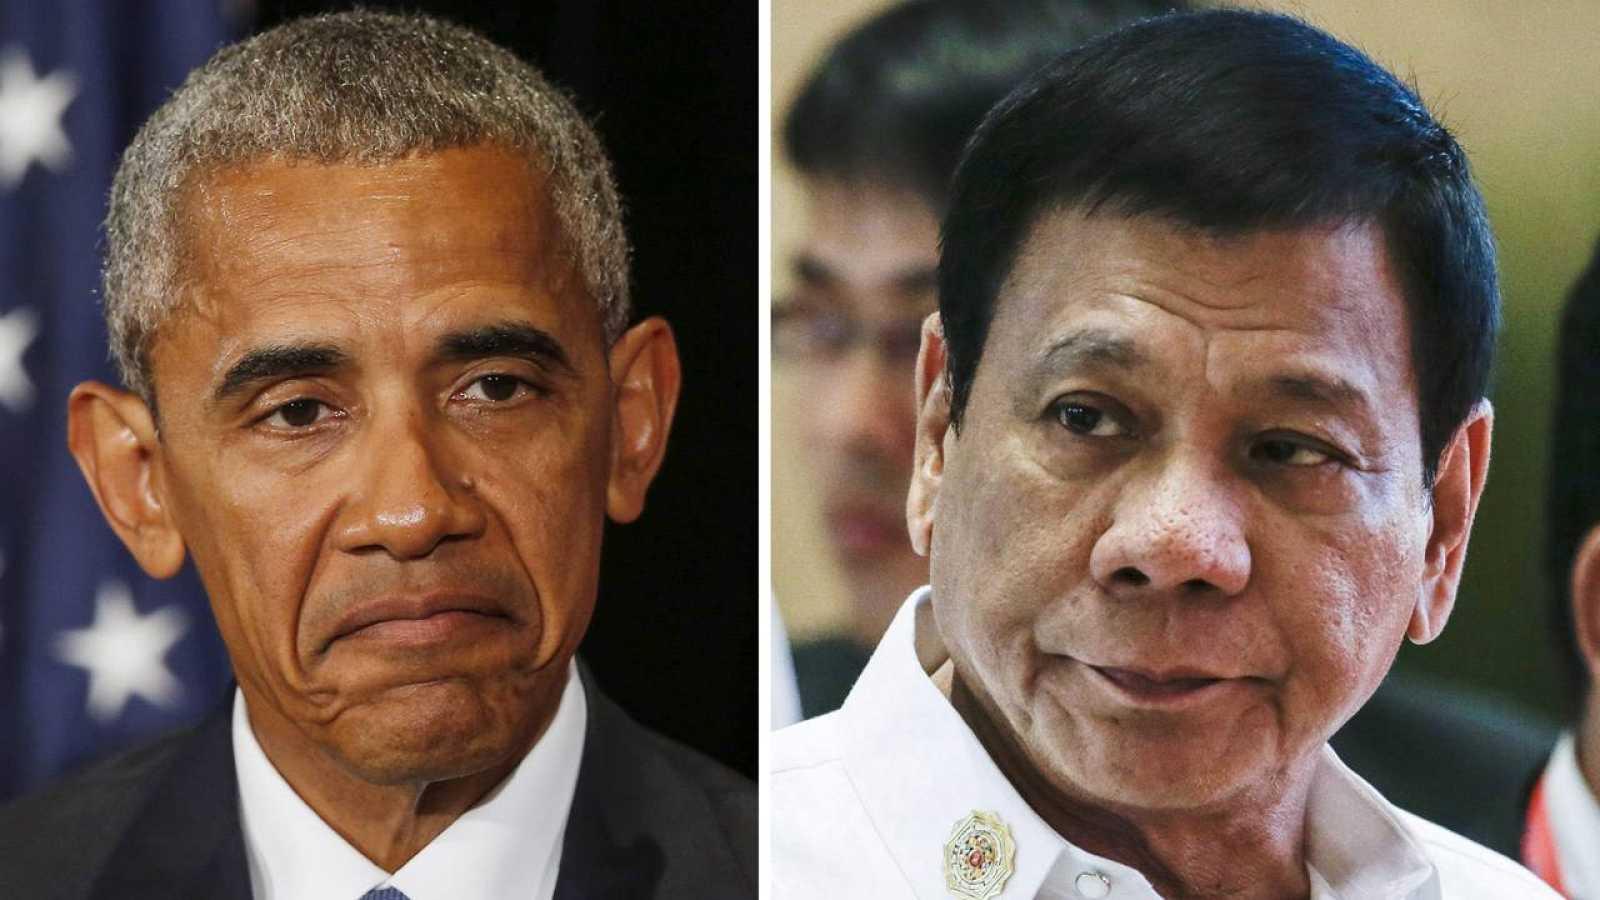 El presidente de Estados Unidos, Barack Obama (i) y el presidente de Filipinas, Rodrigo Duterte (d) en la reunión de líderes del G20 en Hangzhou (China)